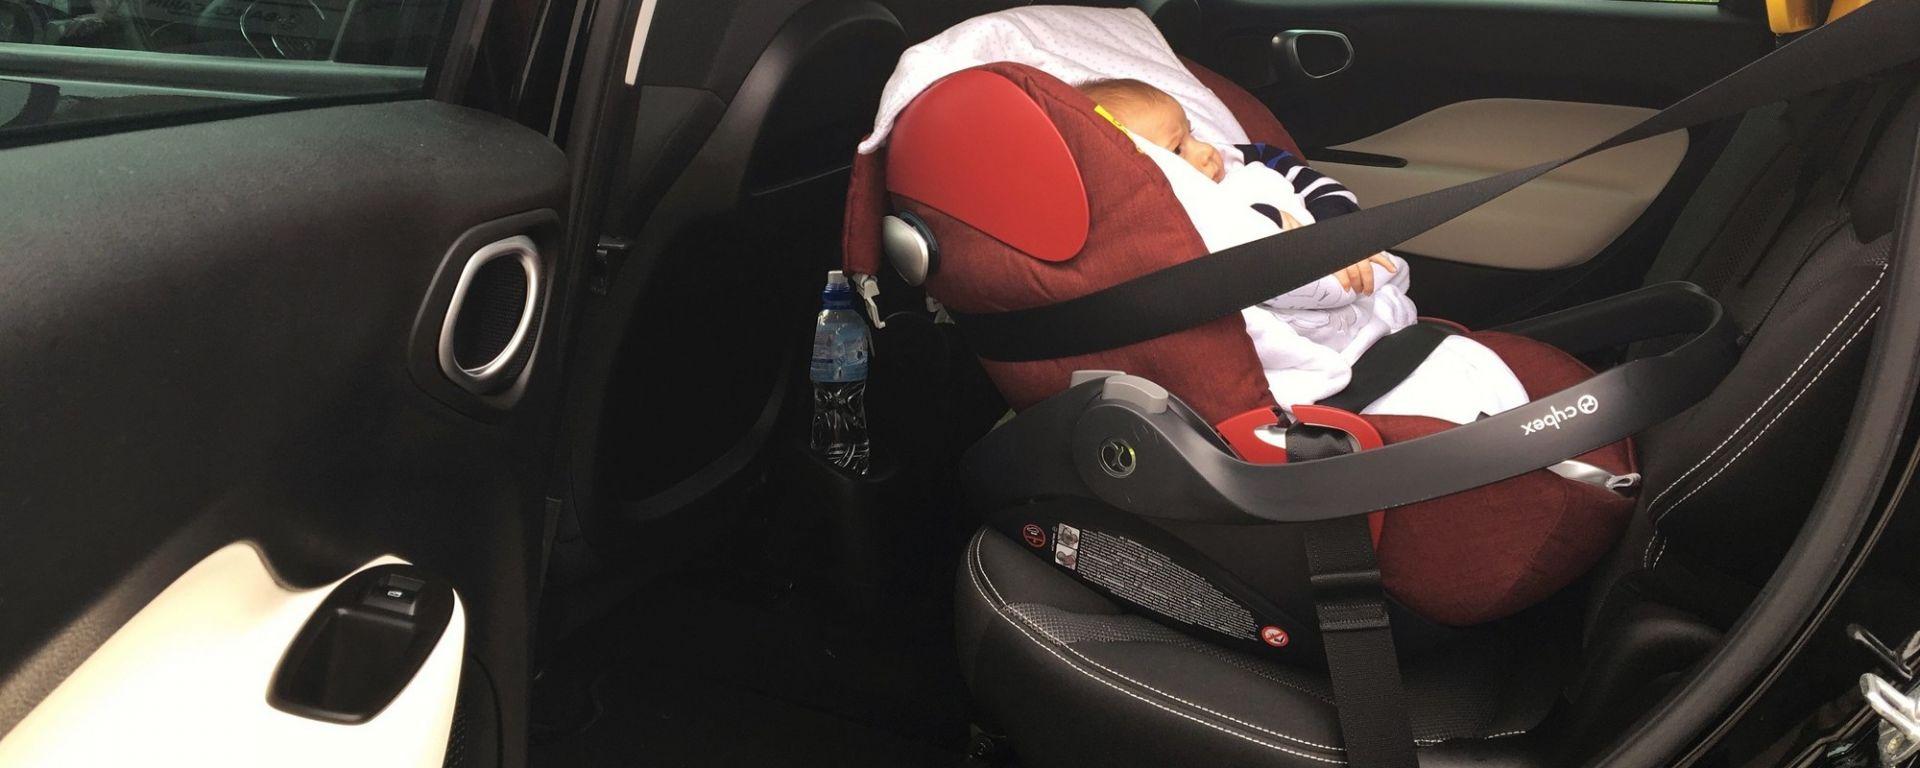 Seggiolini auto per bambini, istruzioni per l'uso